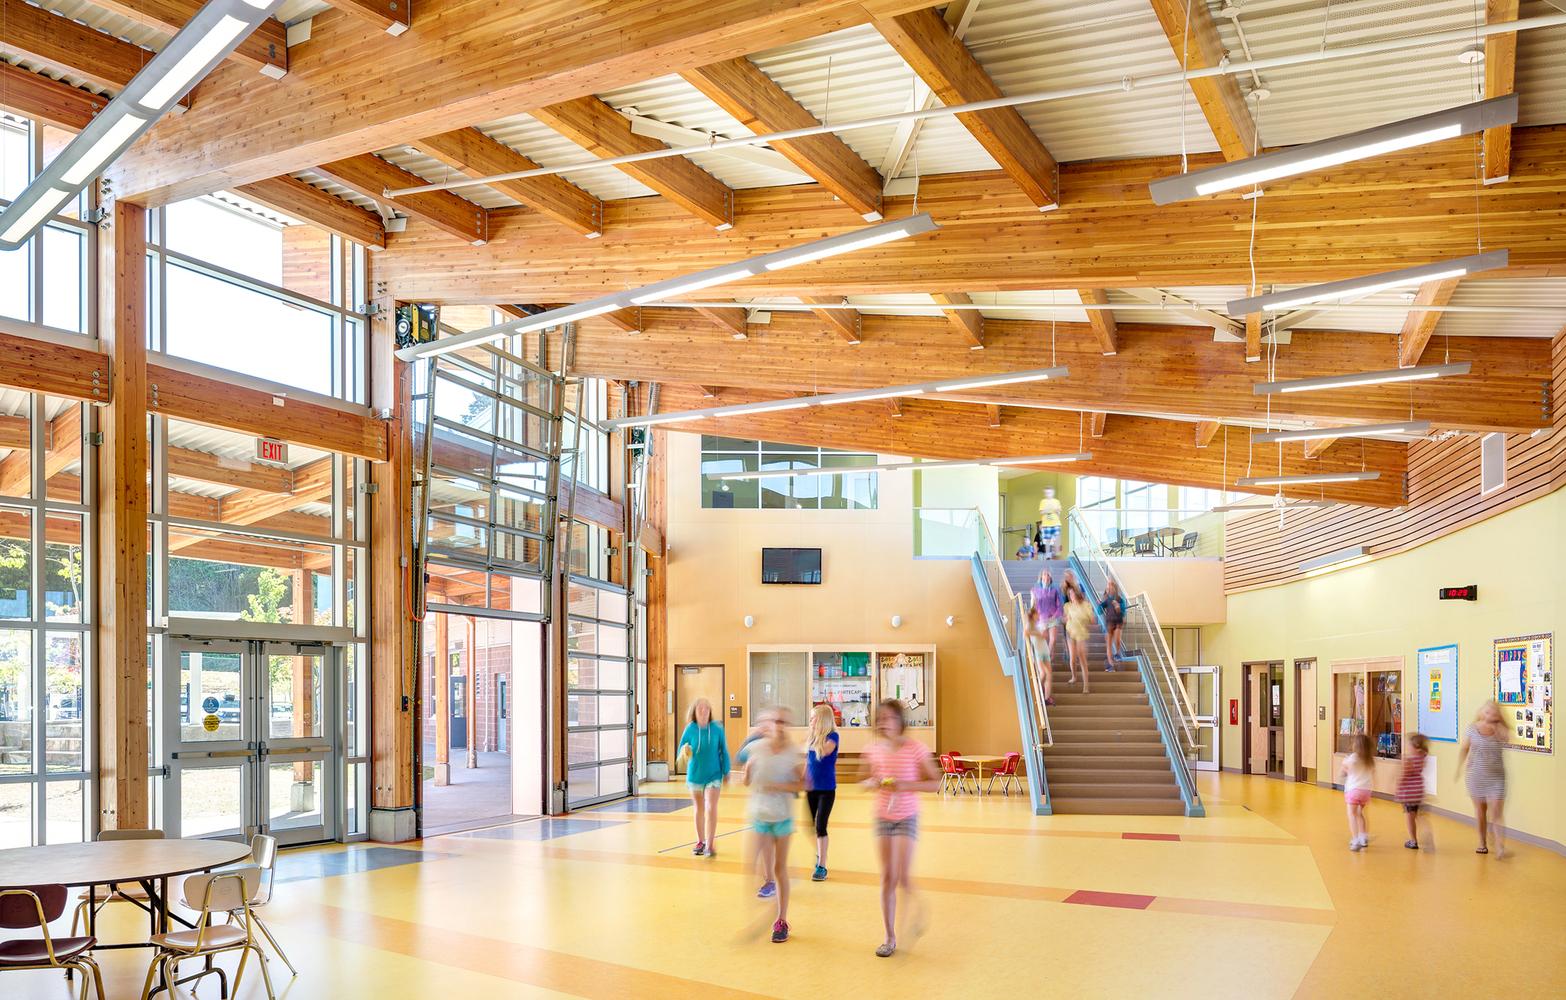 Por qué la madera es un material efectivo para la construcción de escuelas,Westview Elementary School / KMBR Architects. Image © Ed White Photographics. Courtesy of naturally:wood